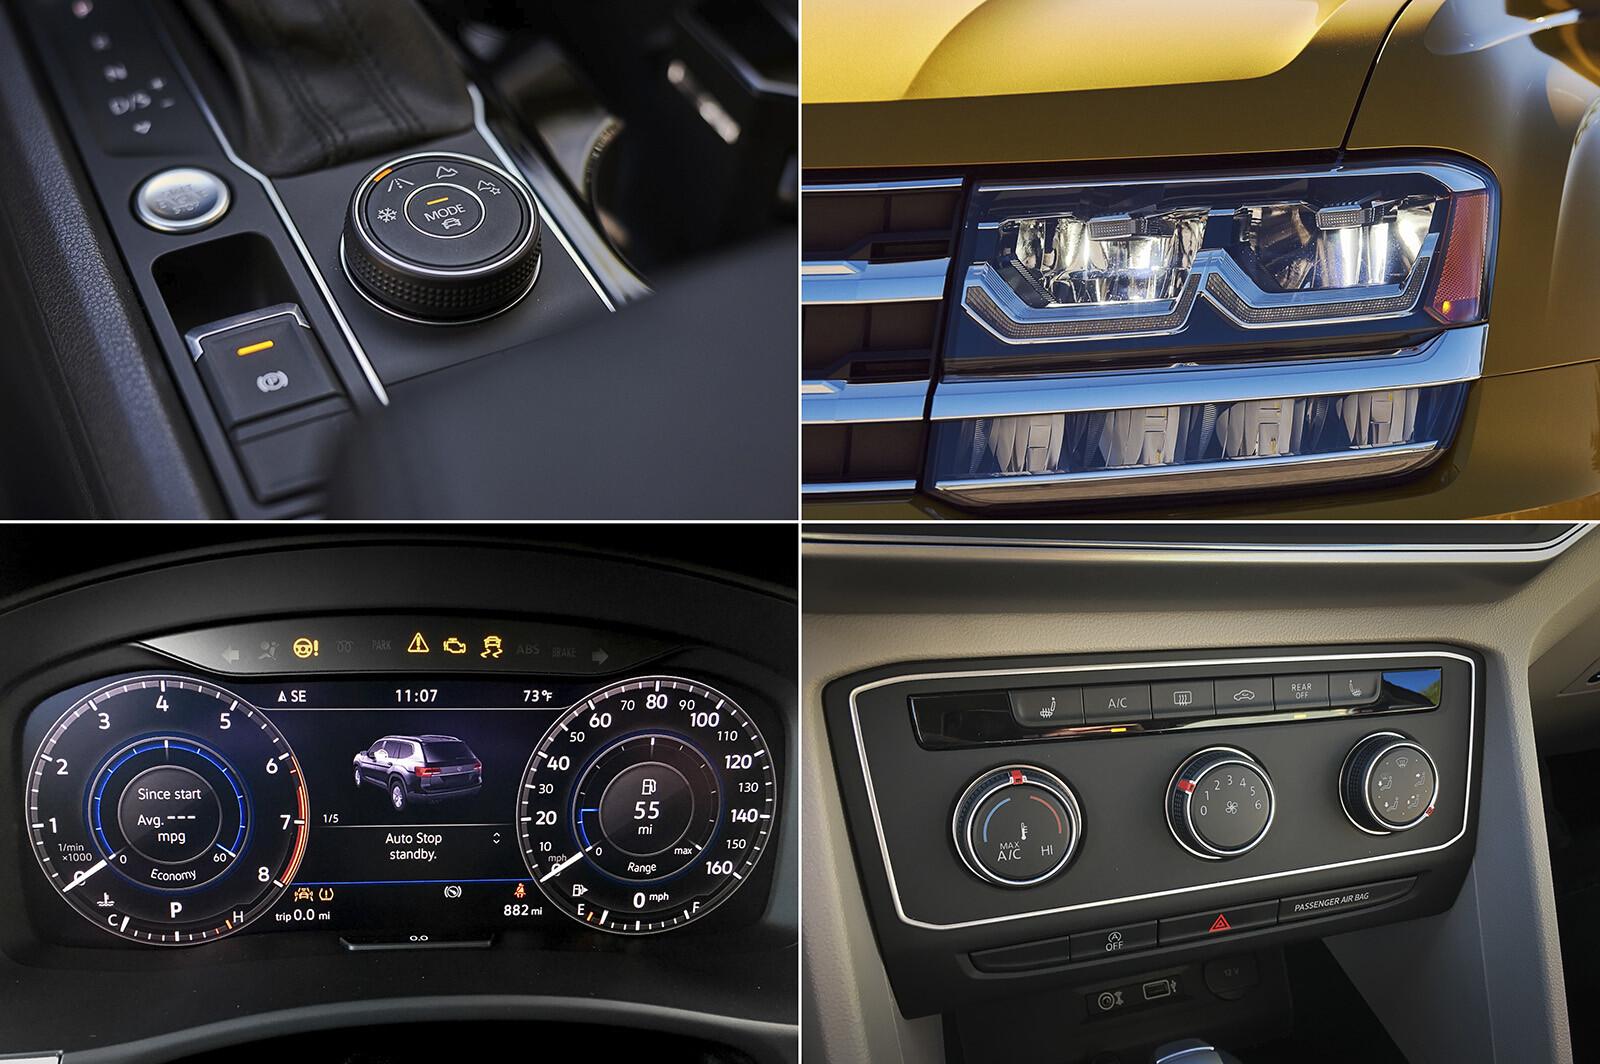 123397 6275c49e092fd0c4675931aa06682fe7 - Больше, но дешевле «Туарега»: такого кроссовера Volkswagen еще не было